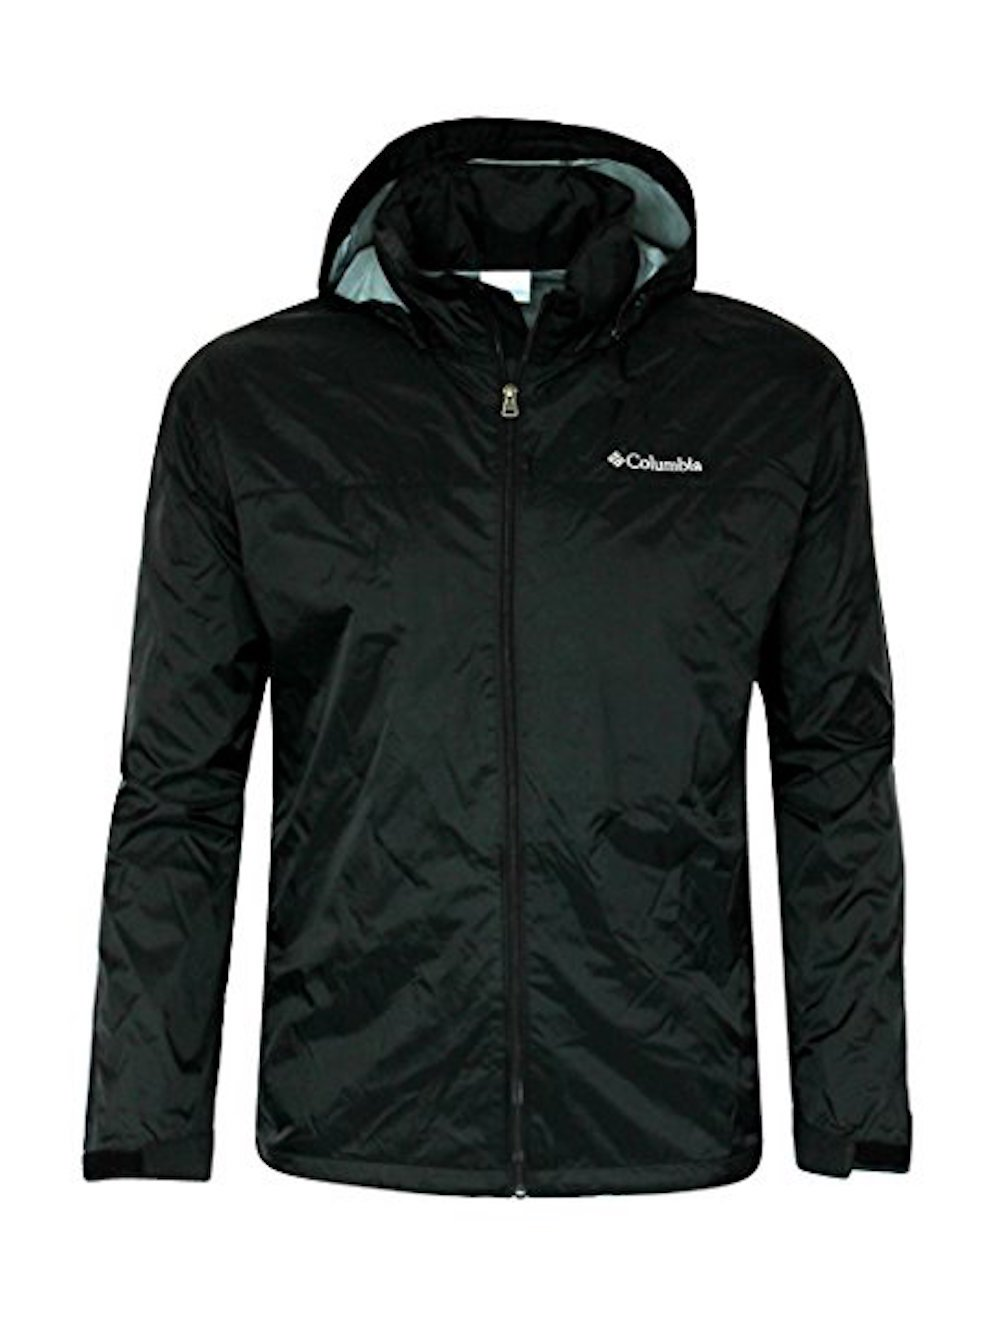 Columbia Mens Raincreek Falls Hooded Rain Windbreaker Jacket (Medium, Black)